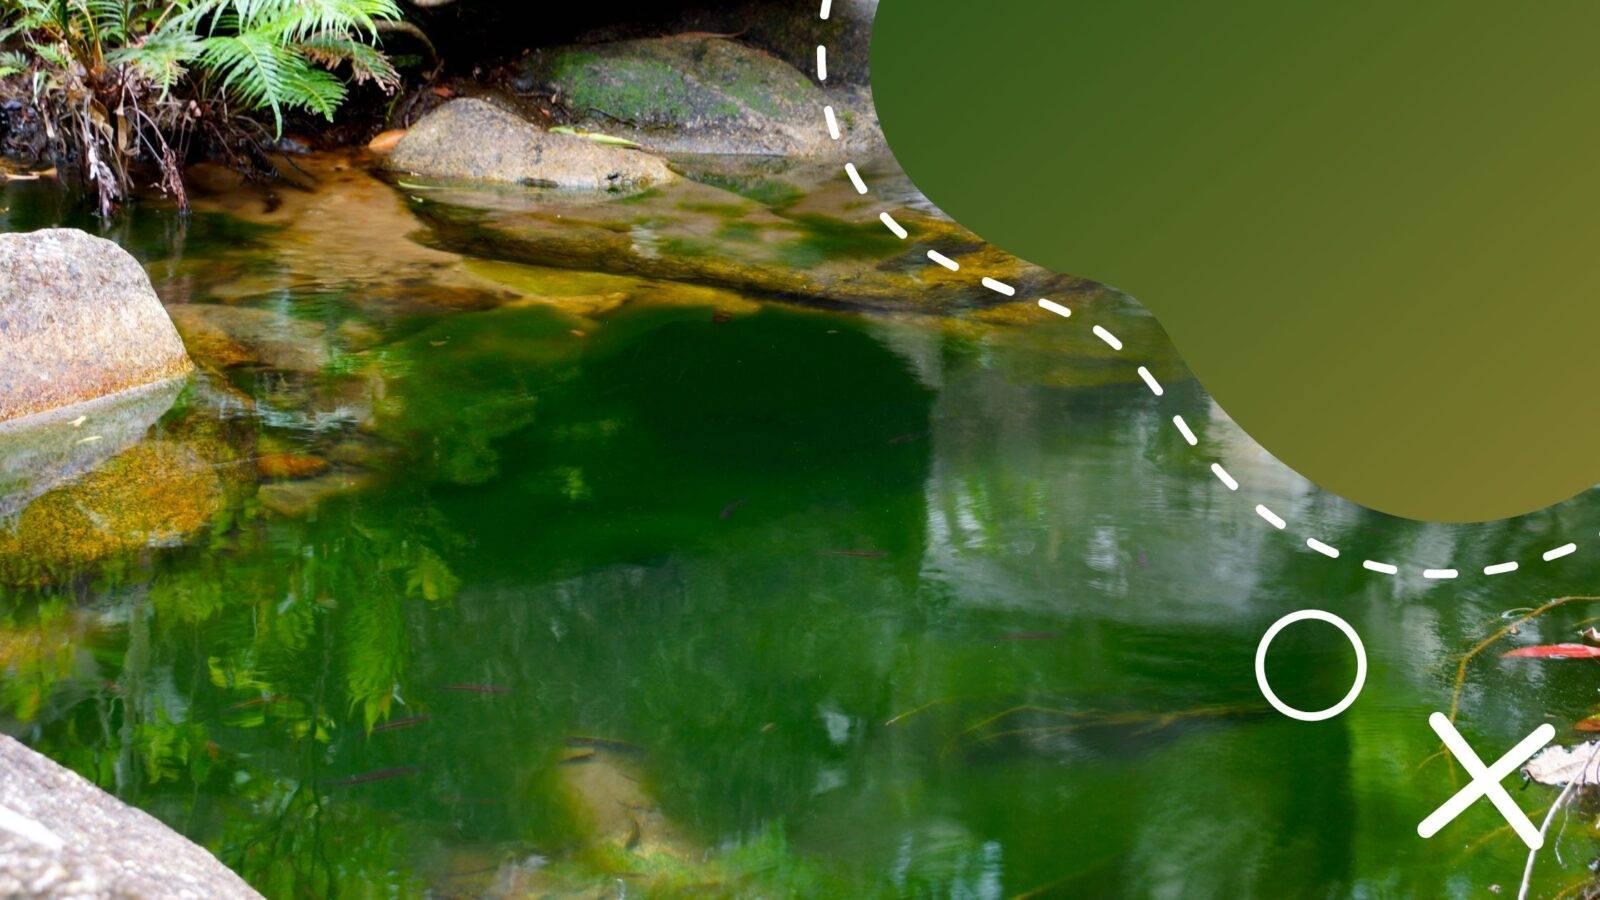 uv-c lámpa az alga ellen